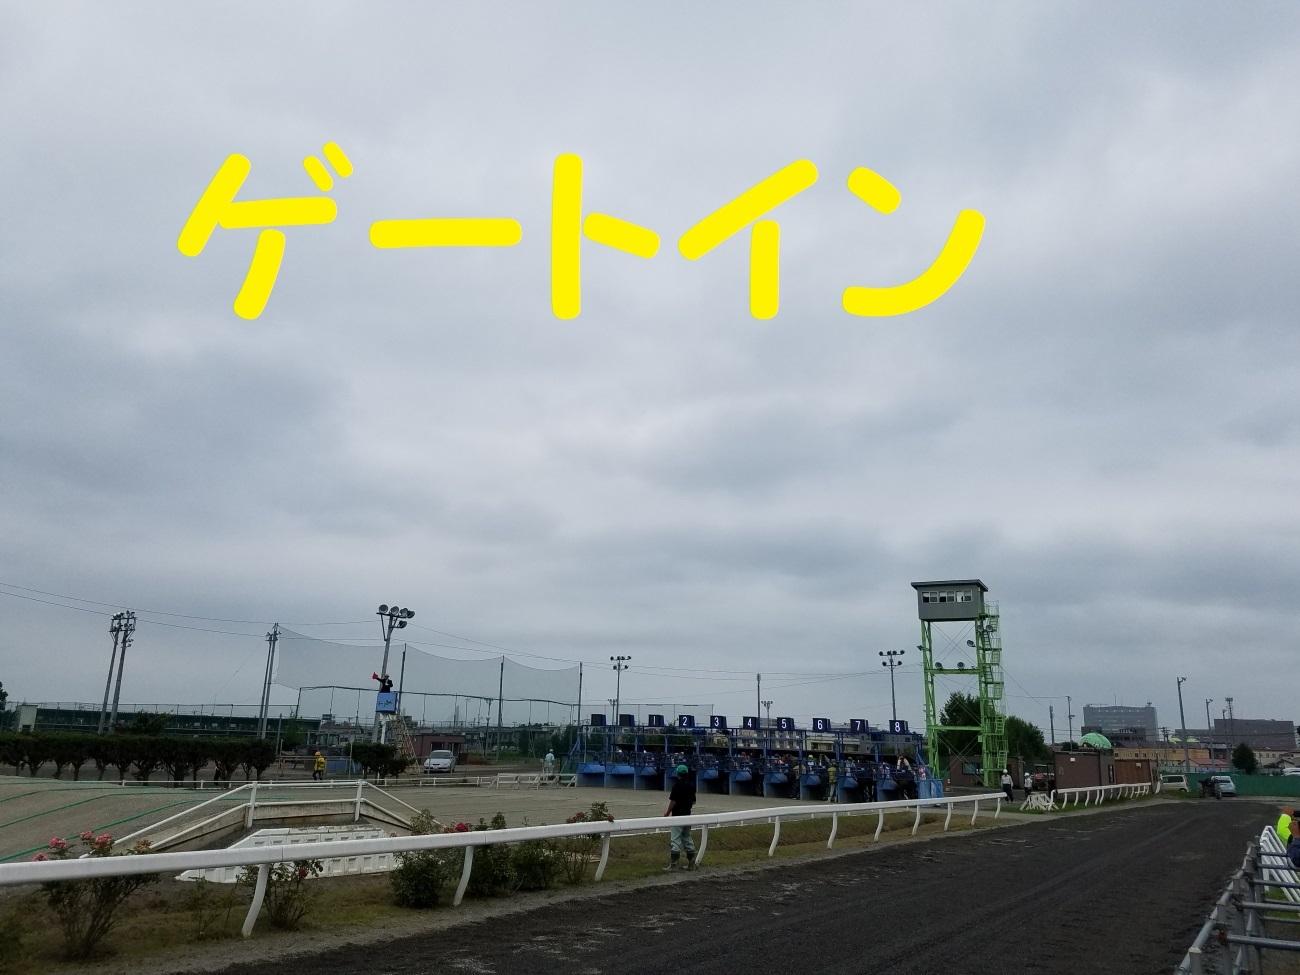 20170820_144006.jpg